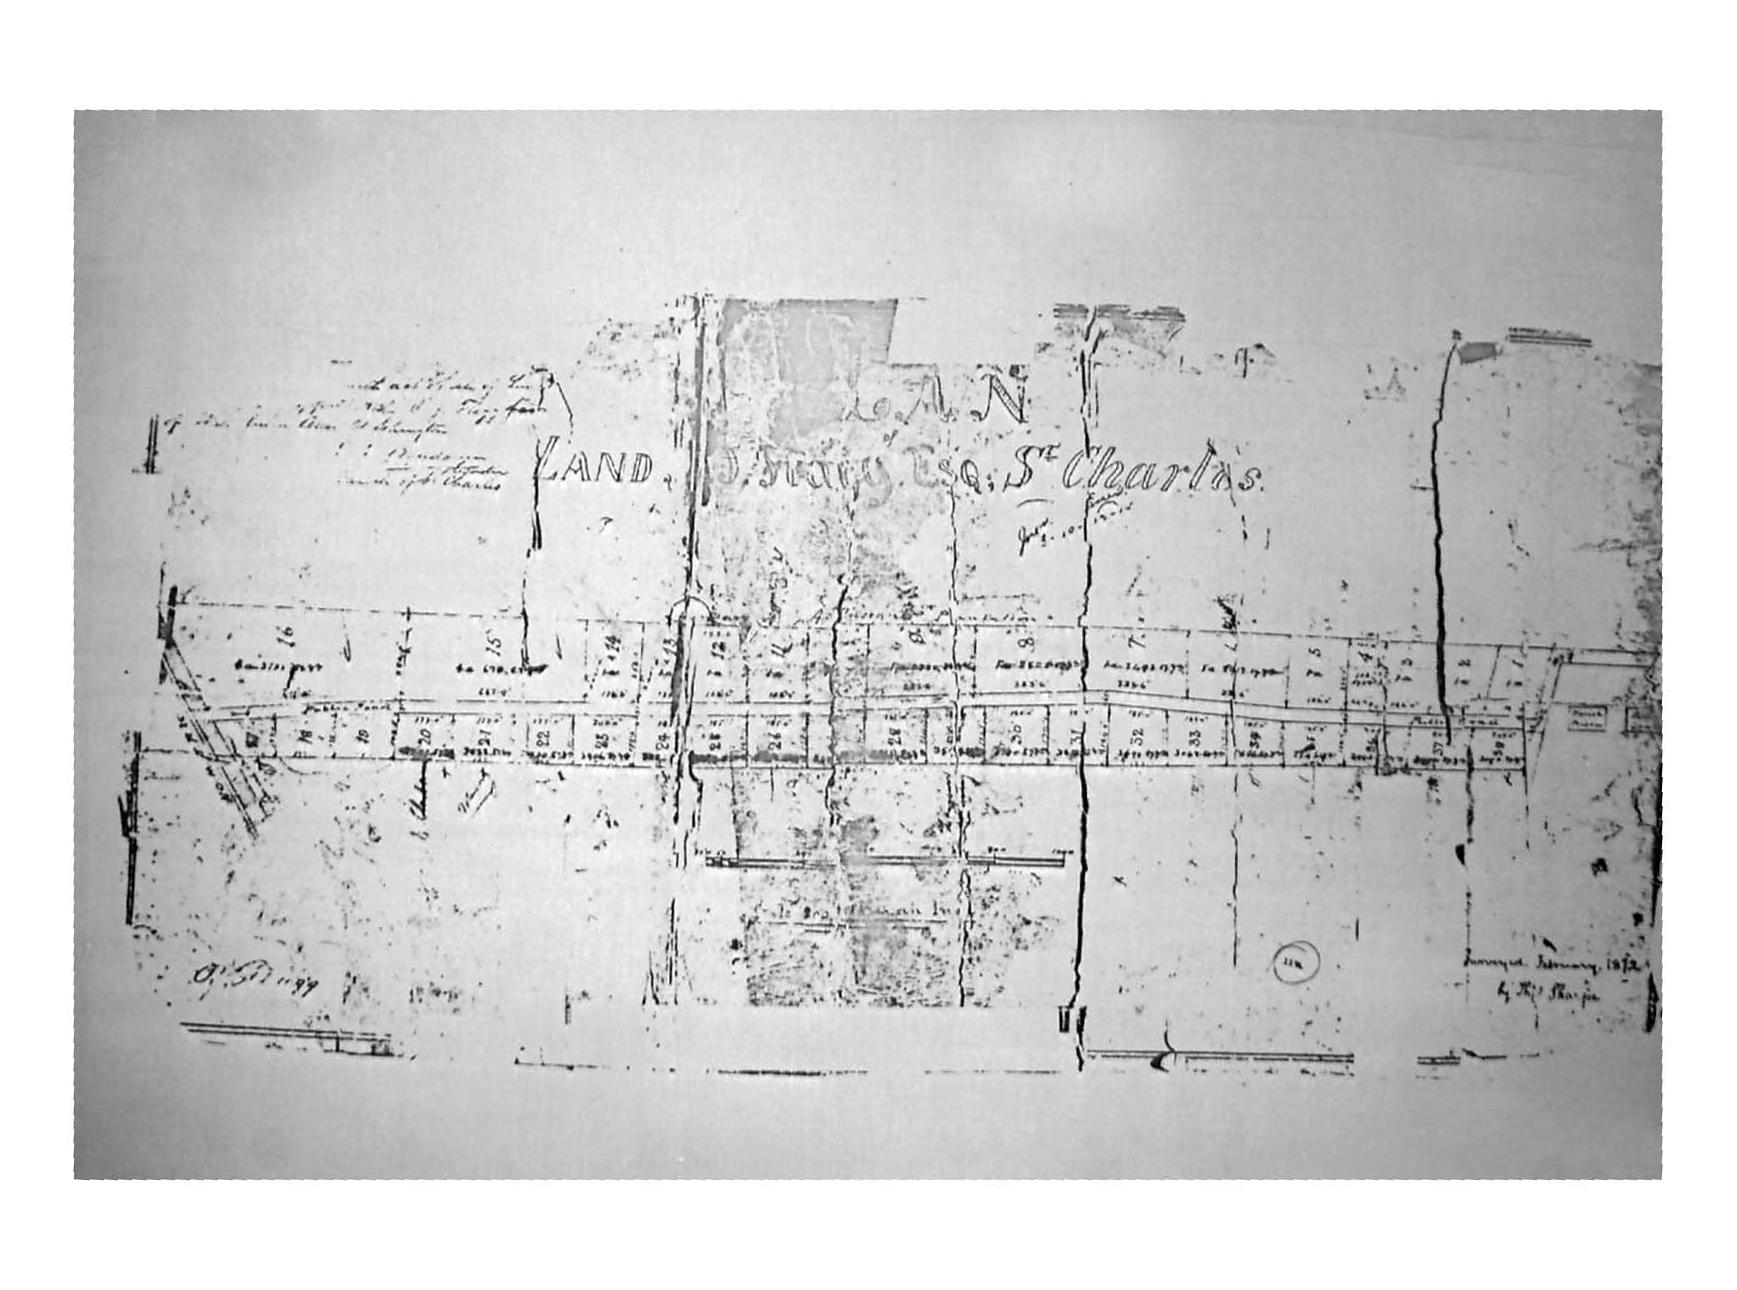 Settlement of Flaggville